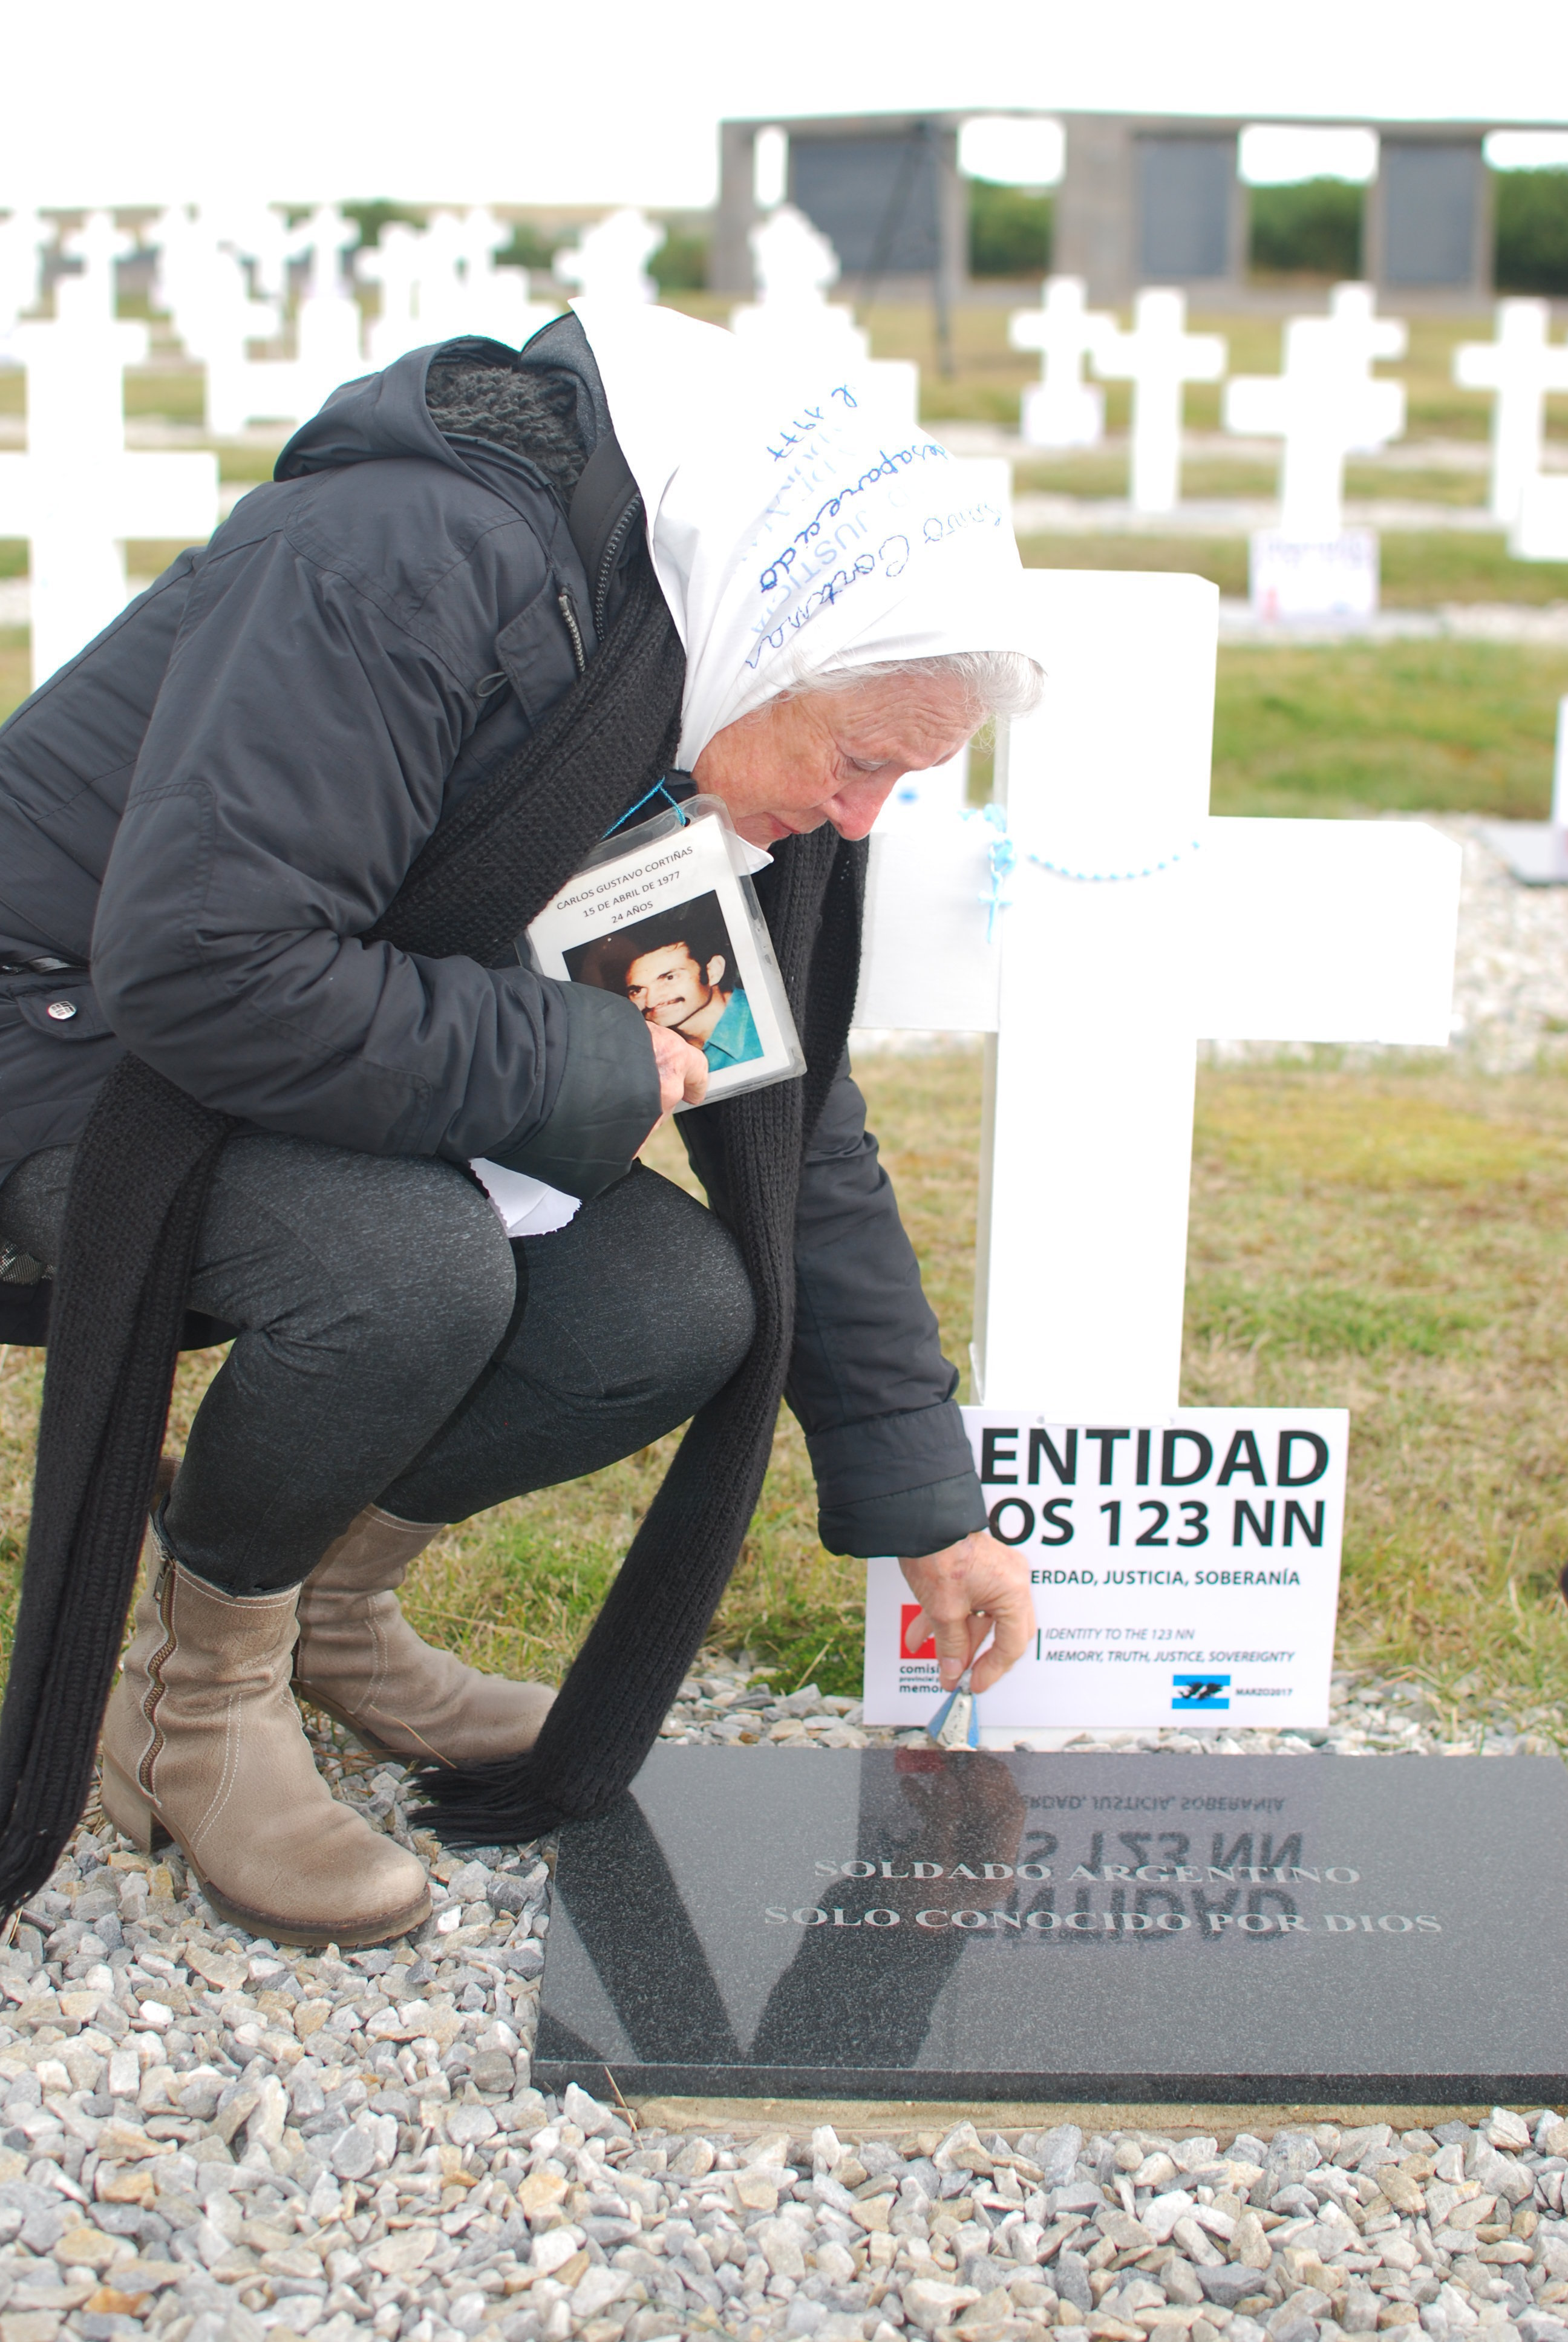 Nora Cortiñas coloca un cartel en una tumba de un soldado desconocido en el Cementerio de Darwin